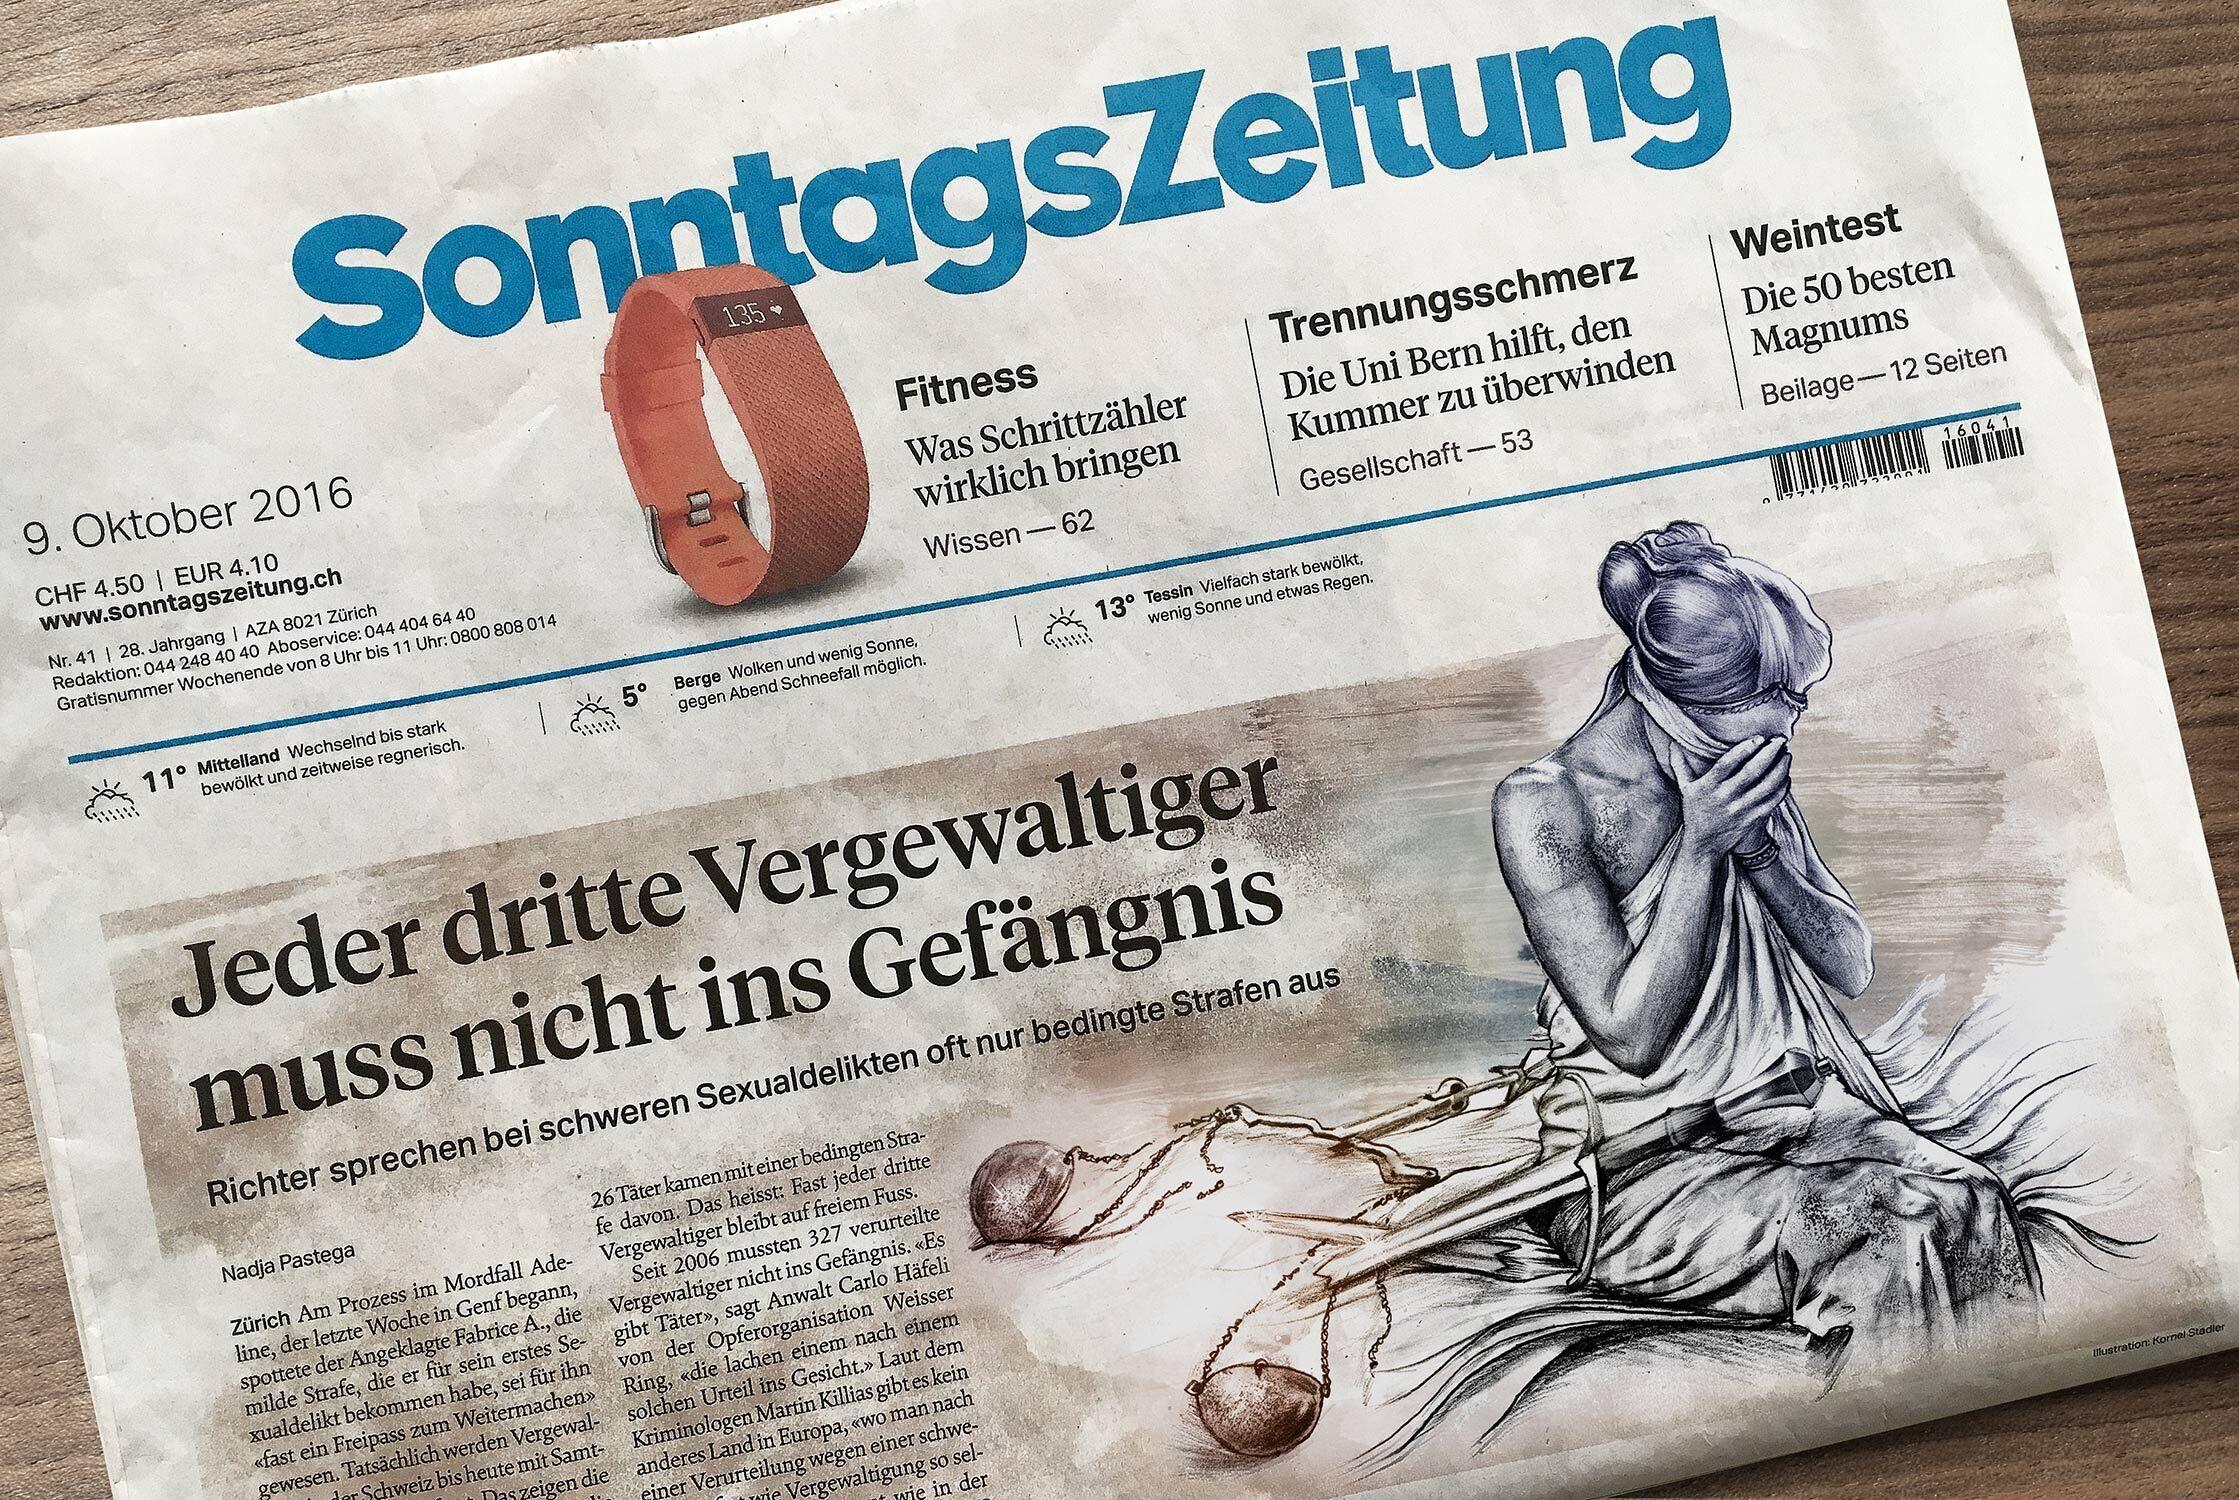 Justitia versagt cover illustration - Kornel Illustration   Kornel Stadler portfolio